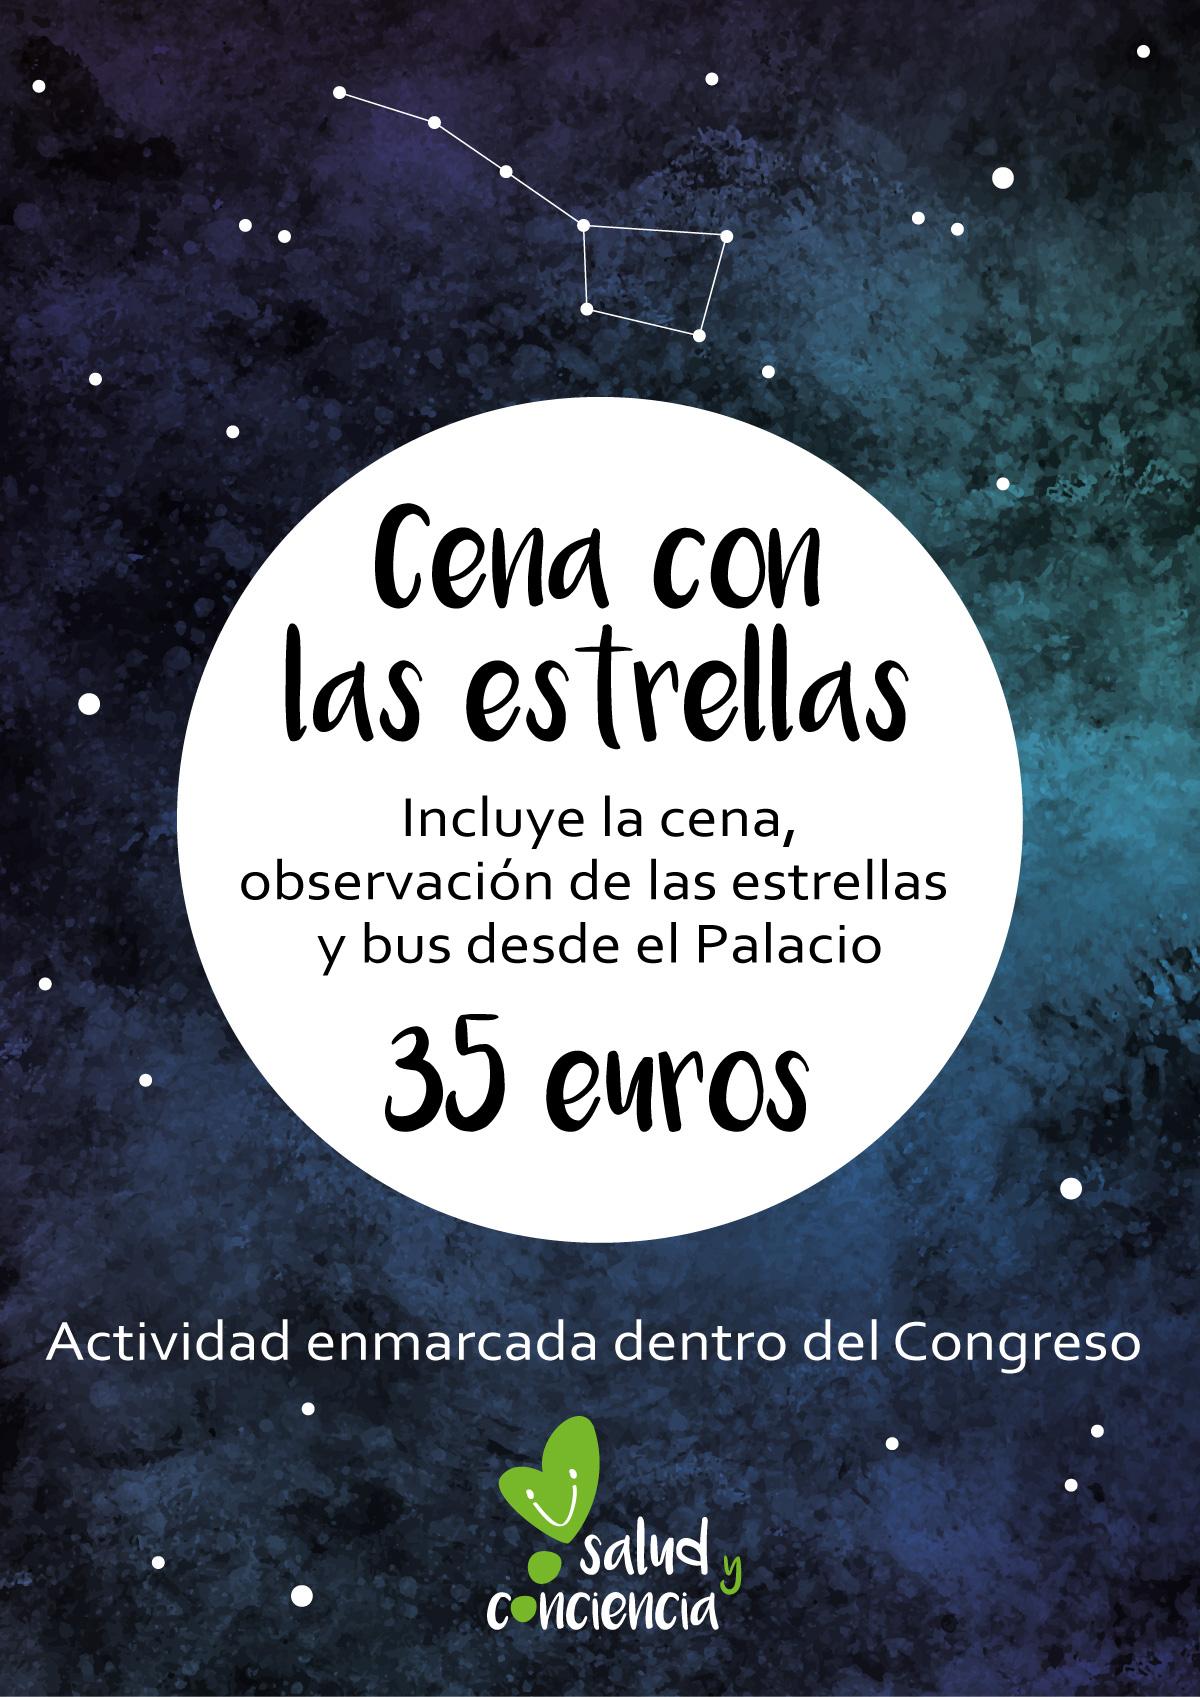 img_cena-planetario-2congreso-saludyconciencia